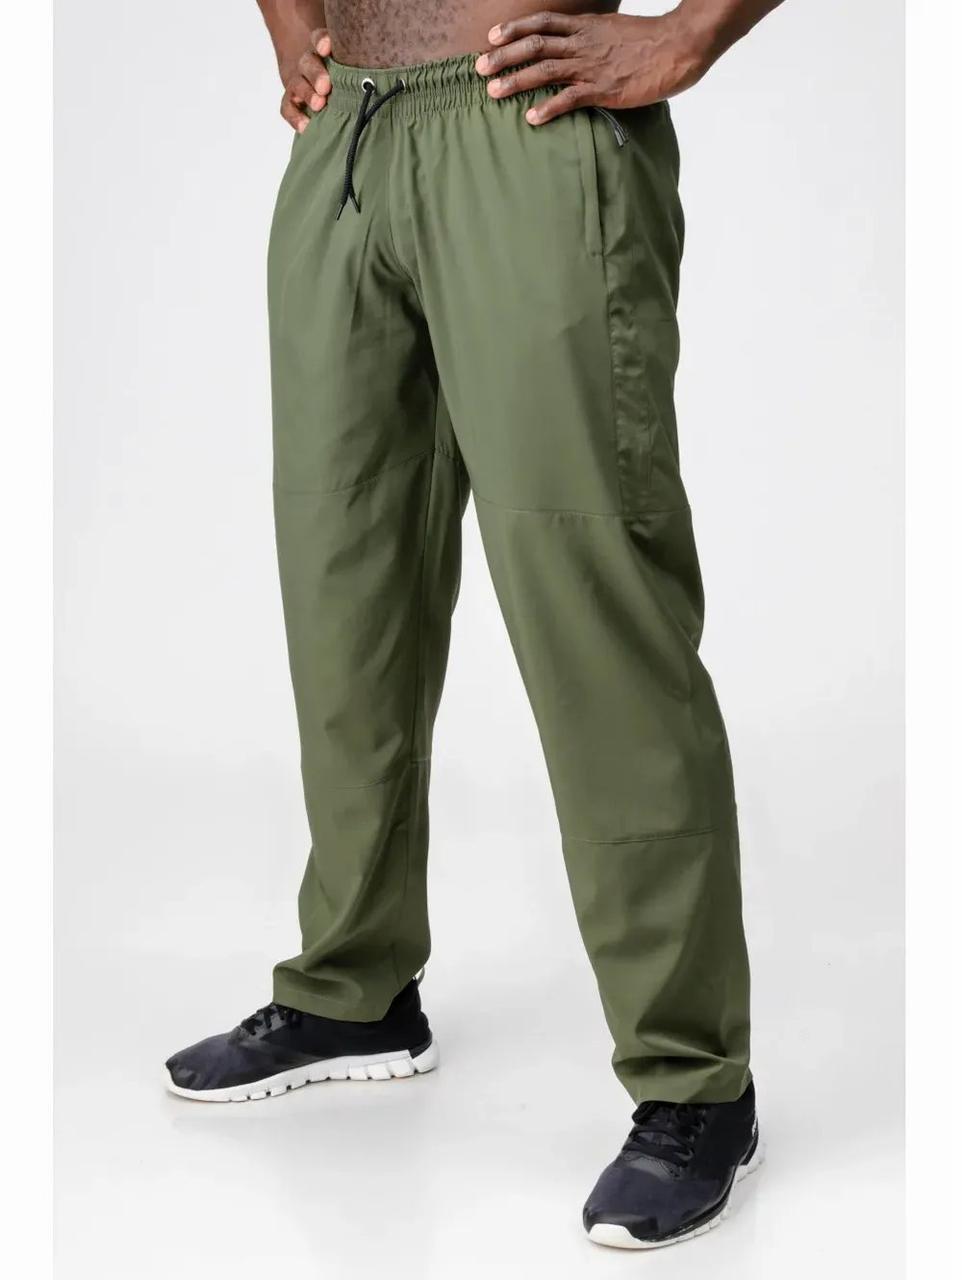 Спортивные штаны GHT002-2